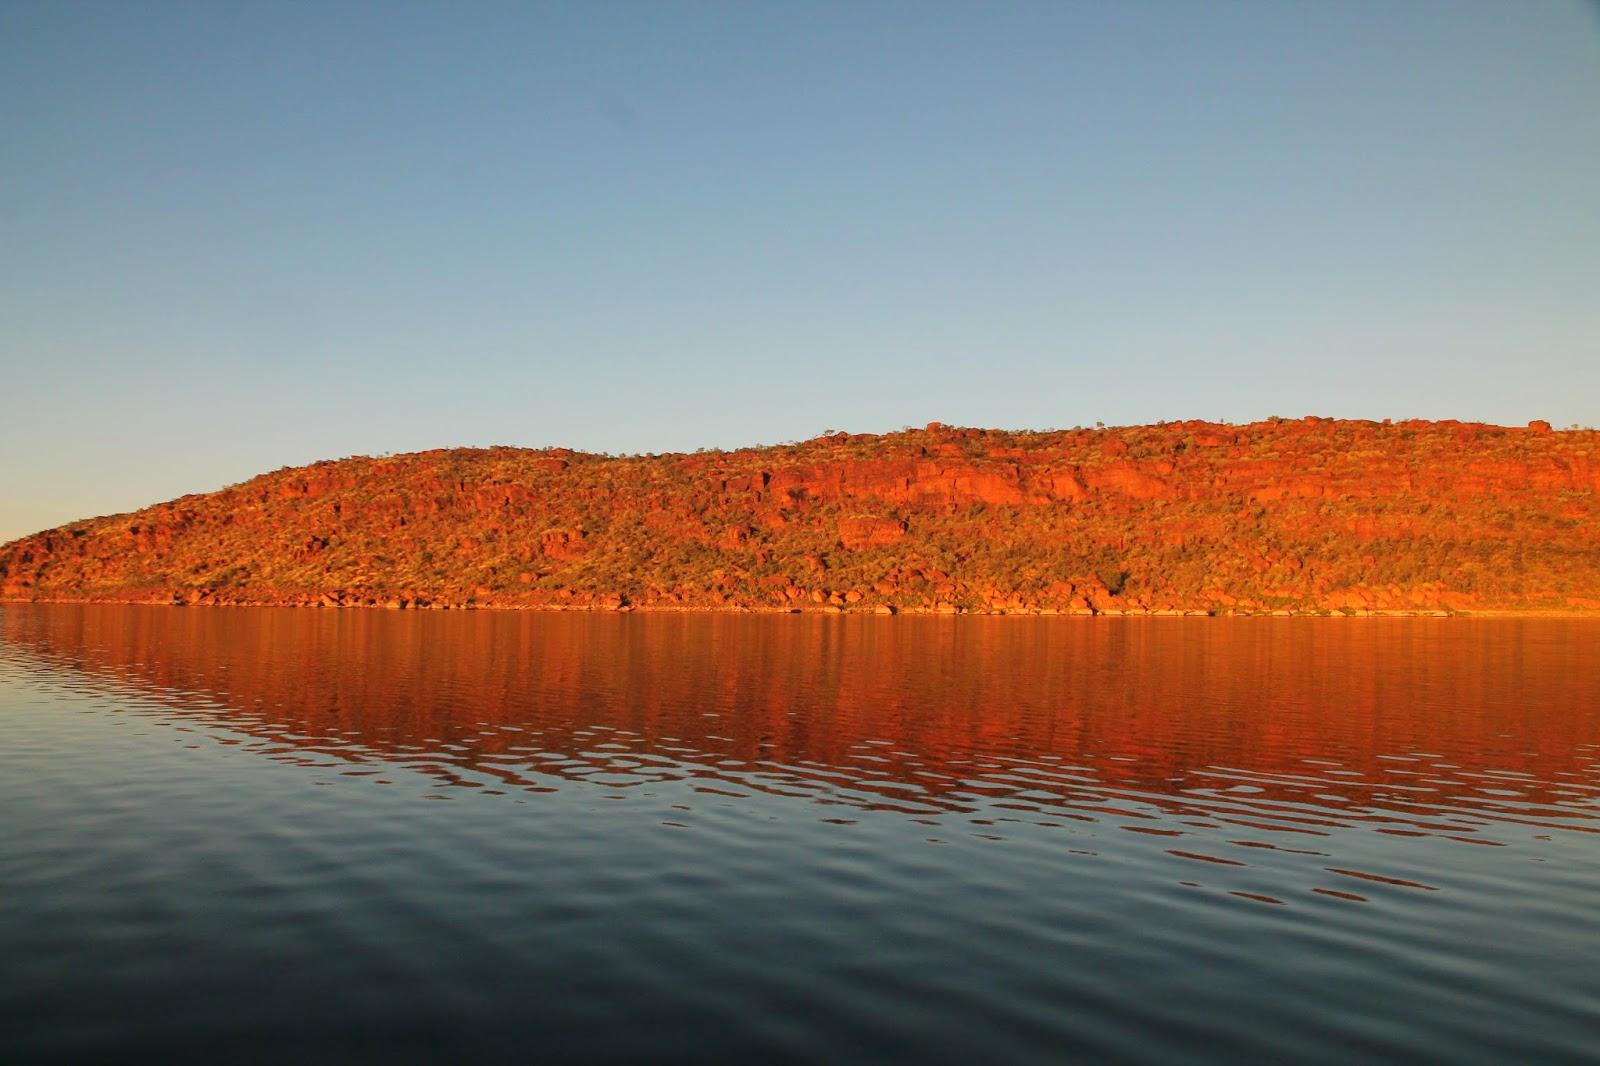 Photo taken by me on Lake Argyle.